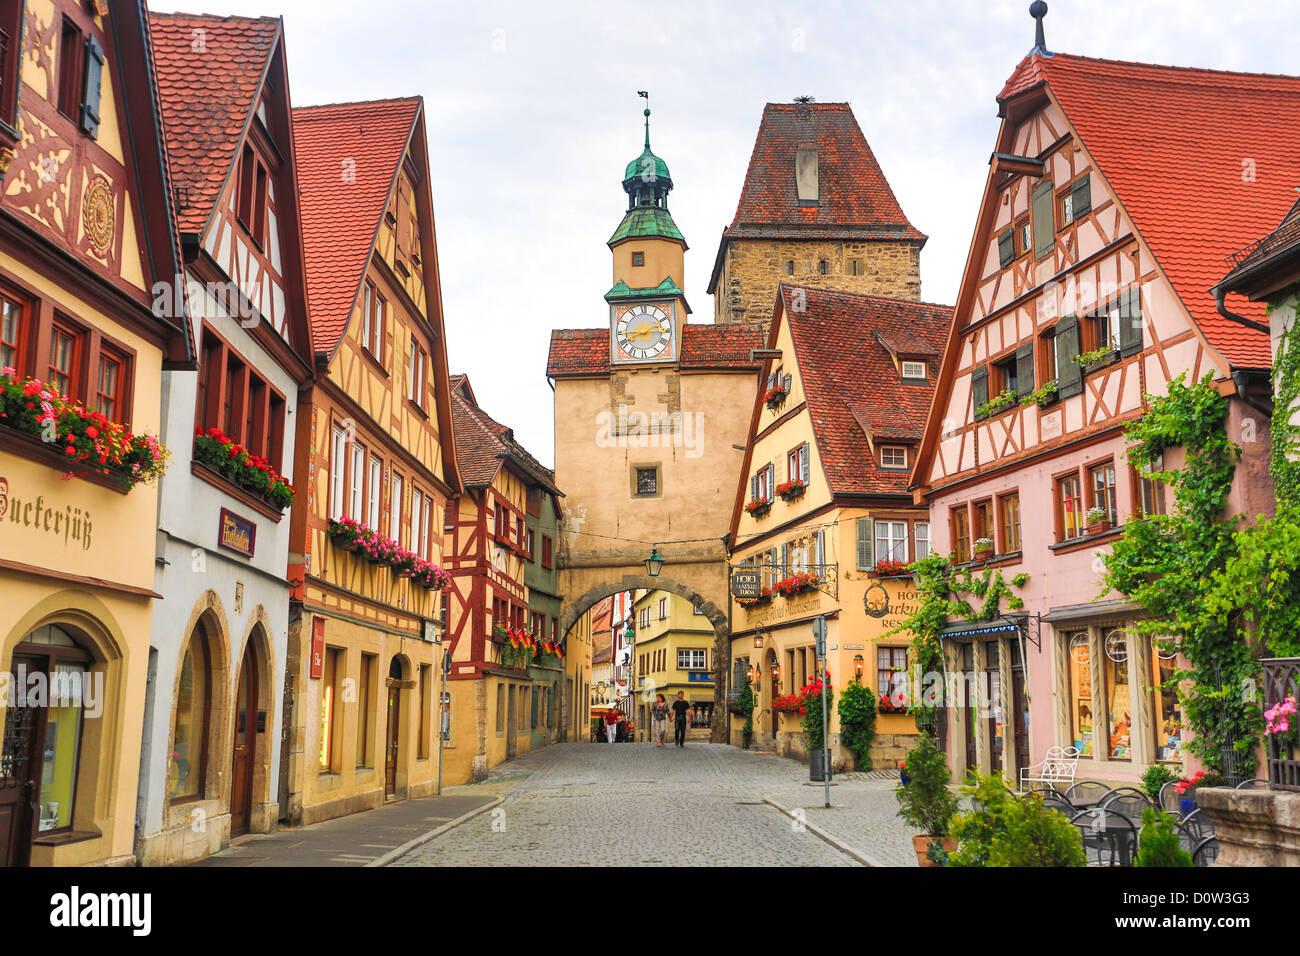 Deutschland, Europa, Reisen, Rothenburg, romantische Straße, Rodergasse, Street, Markus, Tor, Architektur, Stockbild